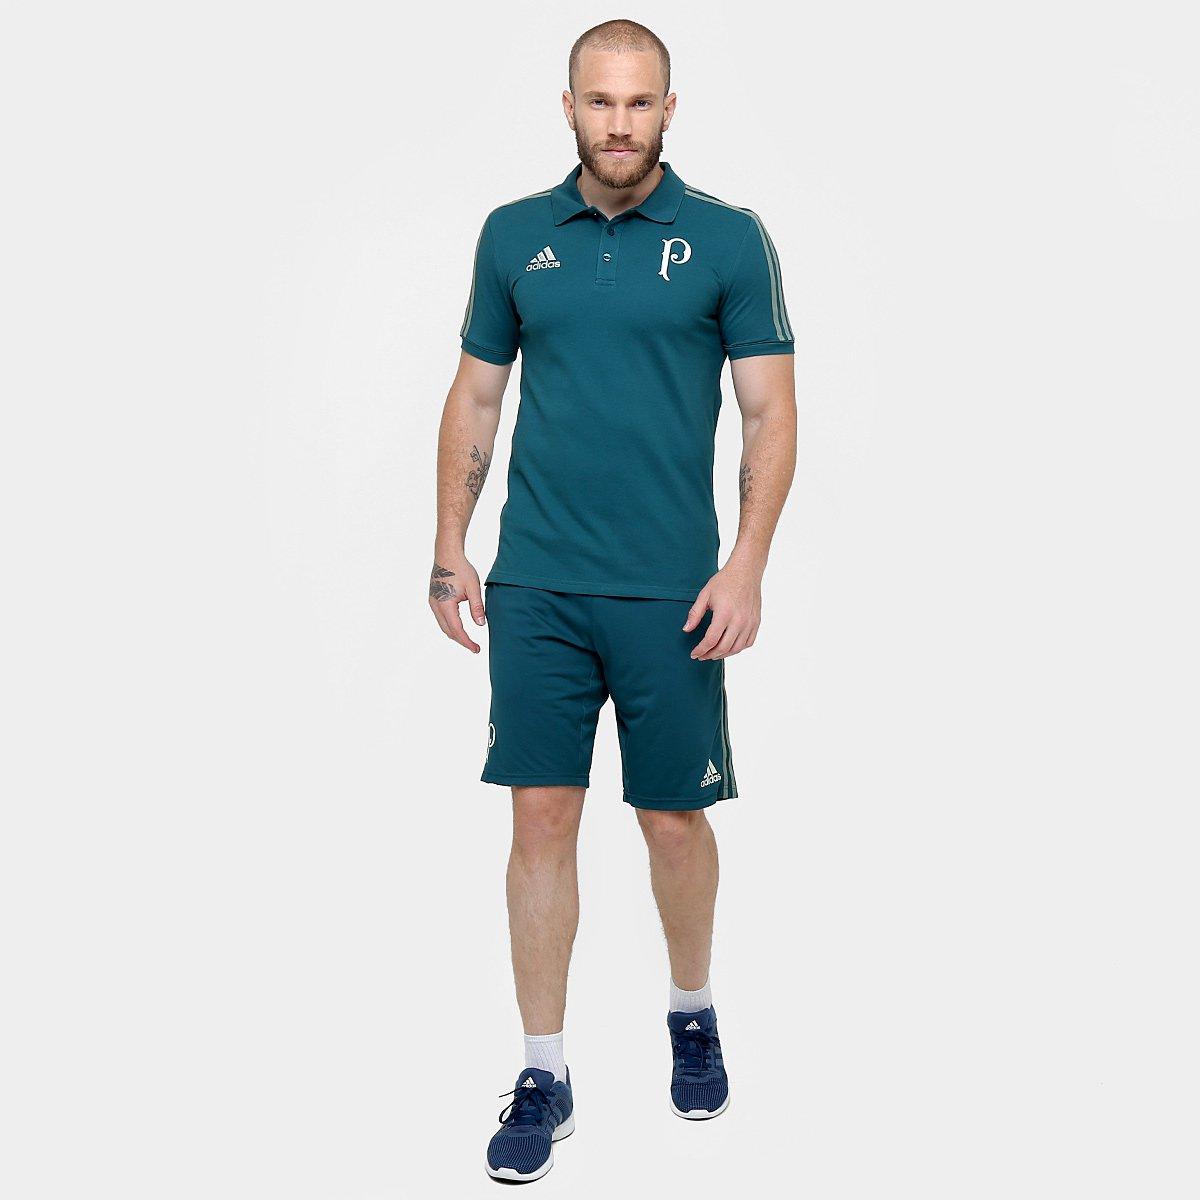 Camisa Polo Palmeiras Adidas Viagem 17 18 Masculino - Verde - Compre ... ba52e731ad154